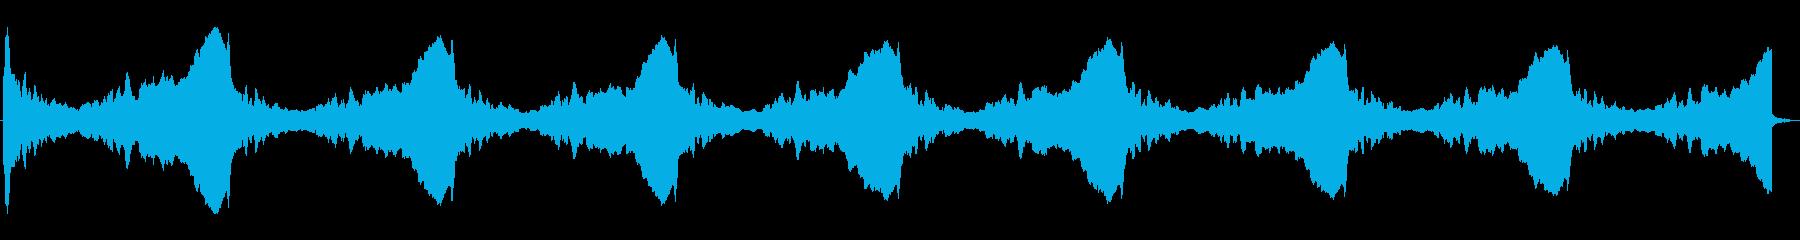 パトカー:ワイルサイレンの再生済みの波形